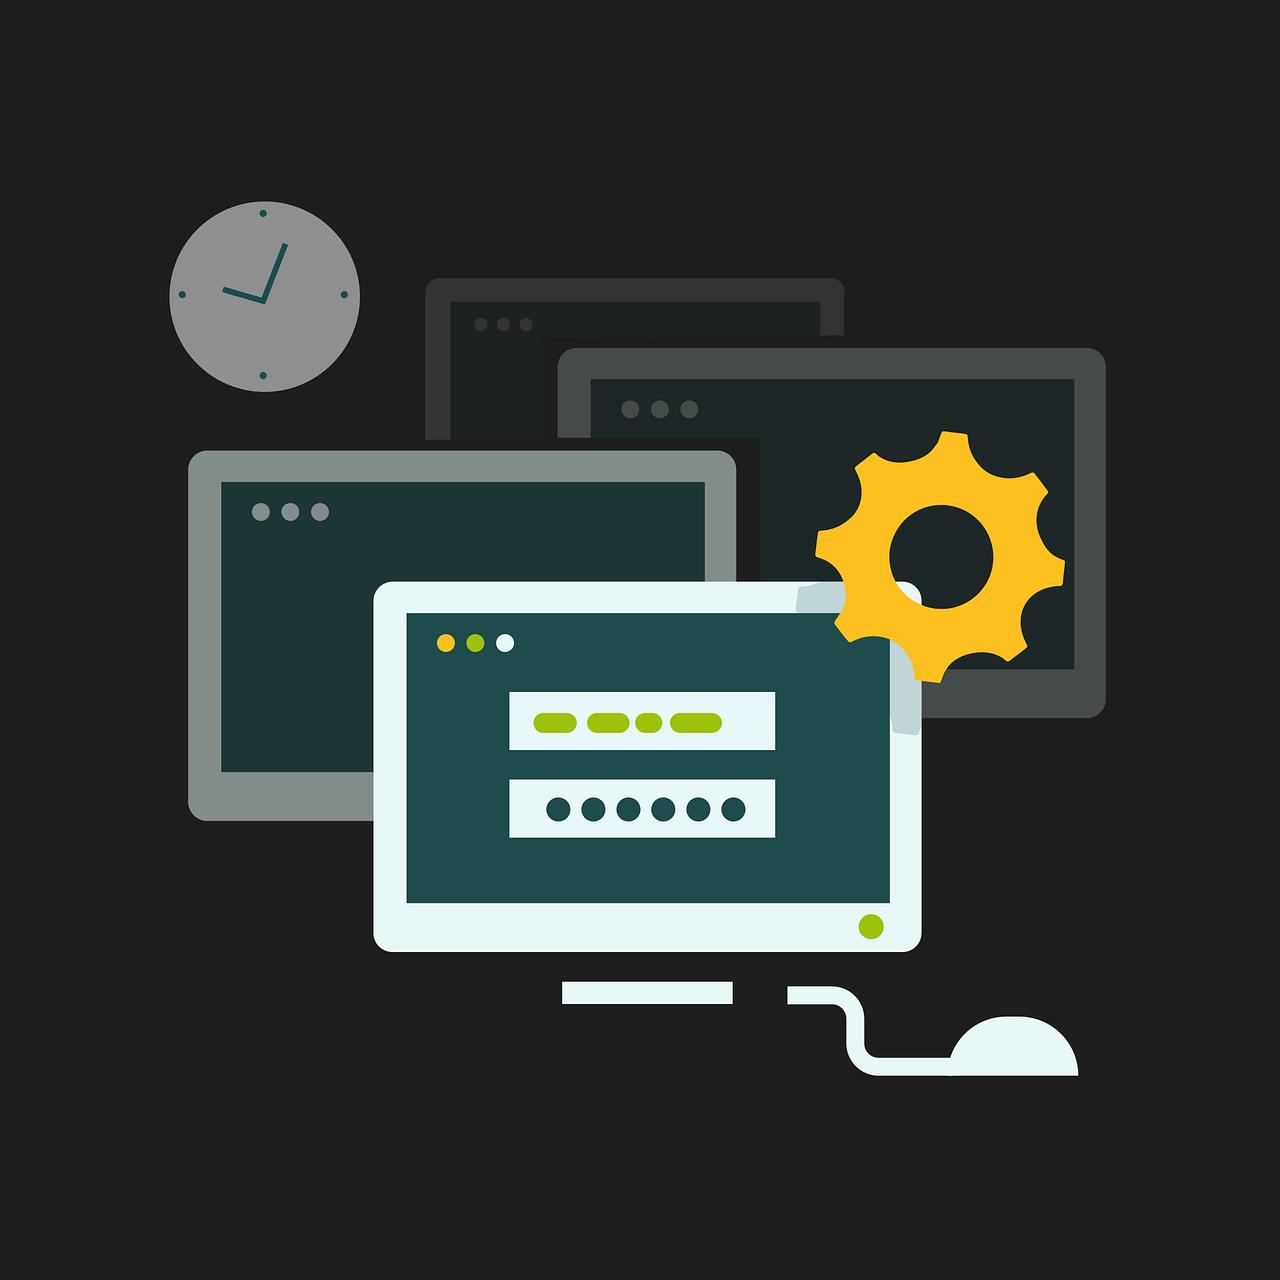 kode program komputer